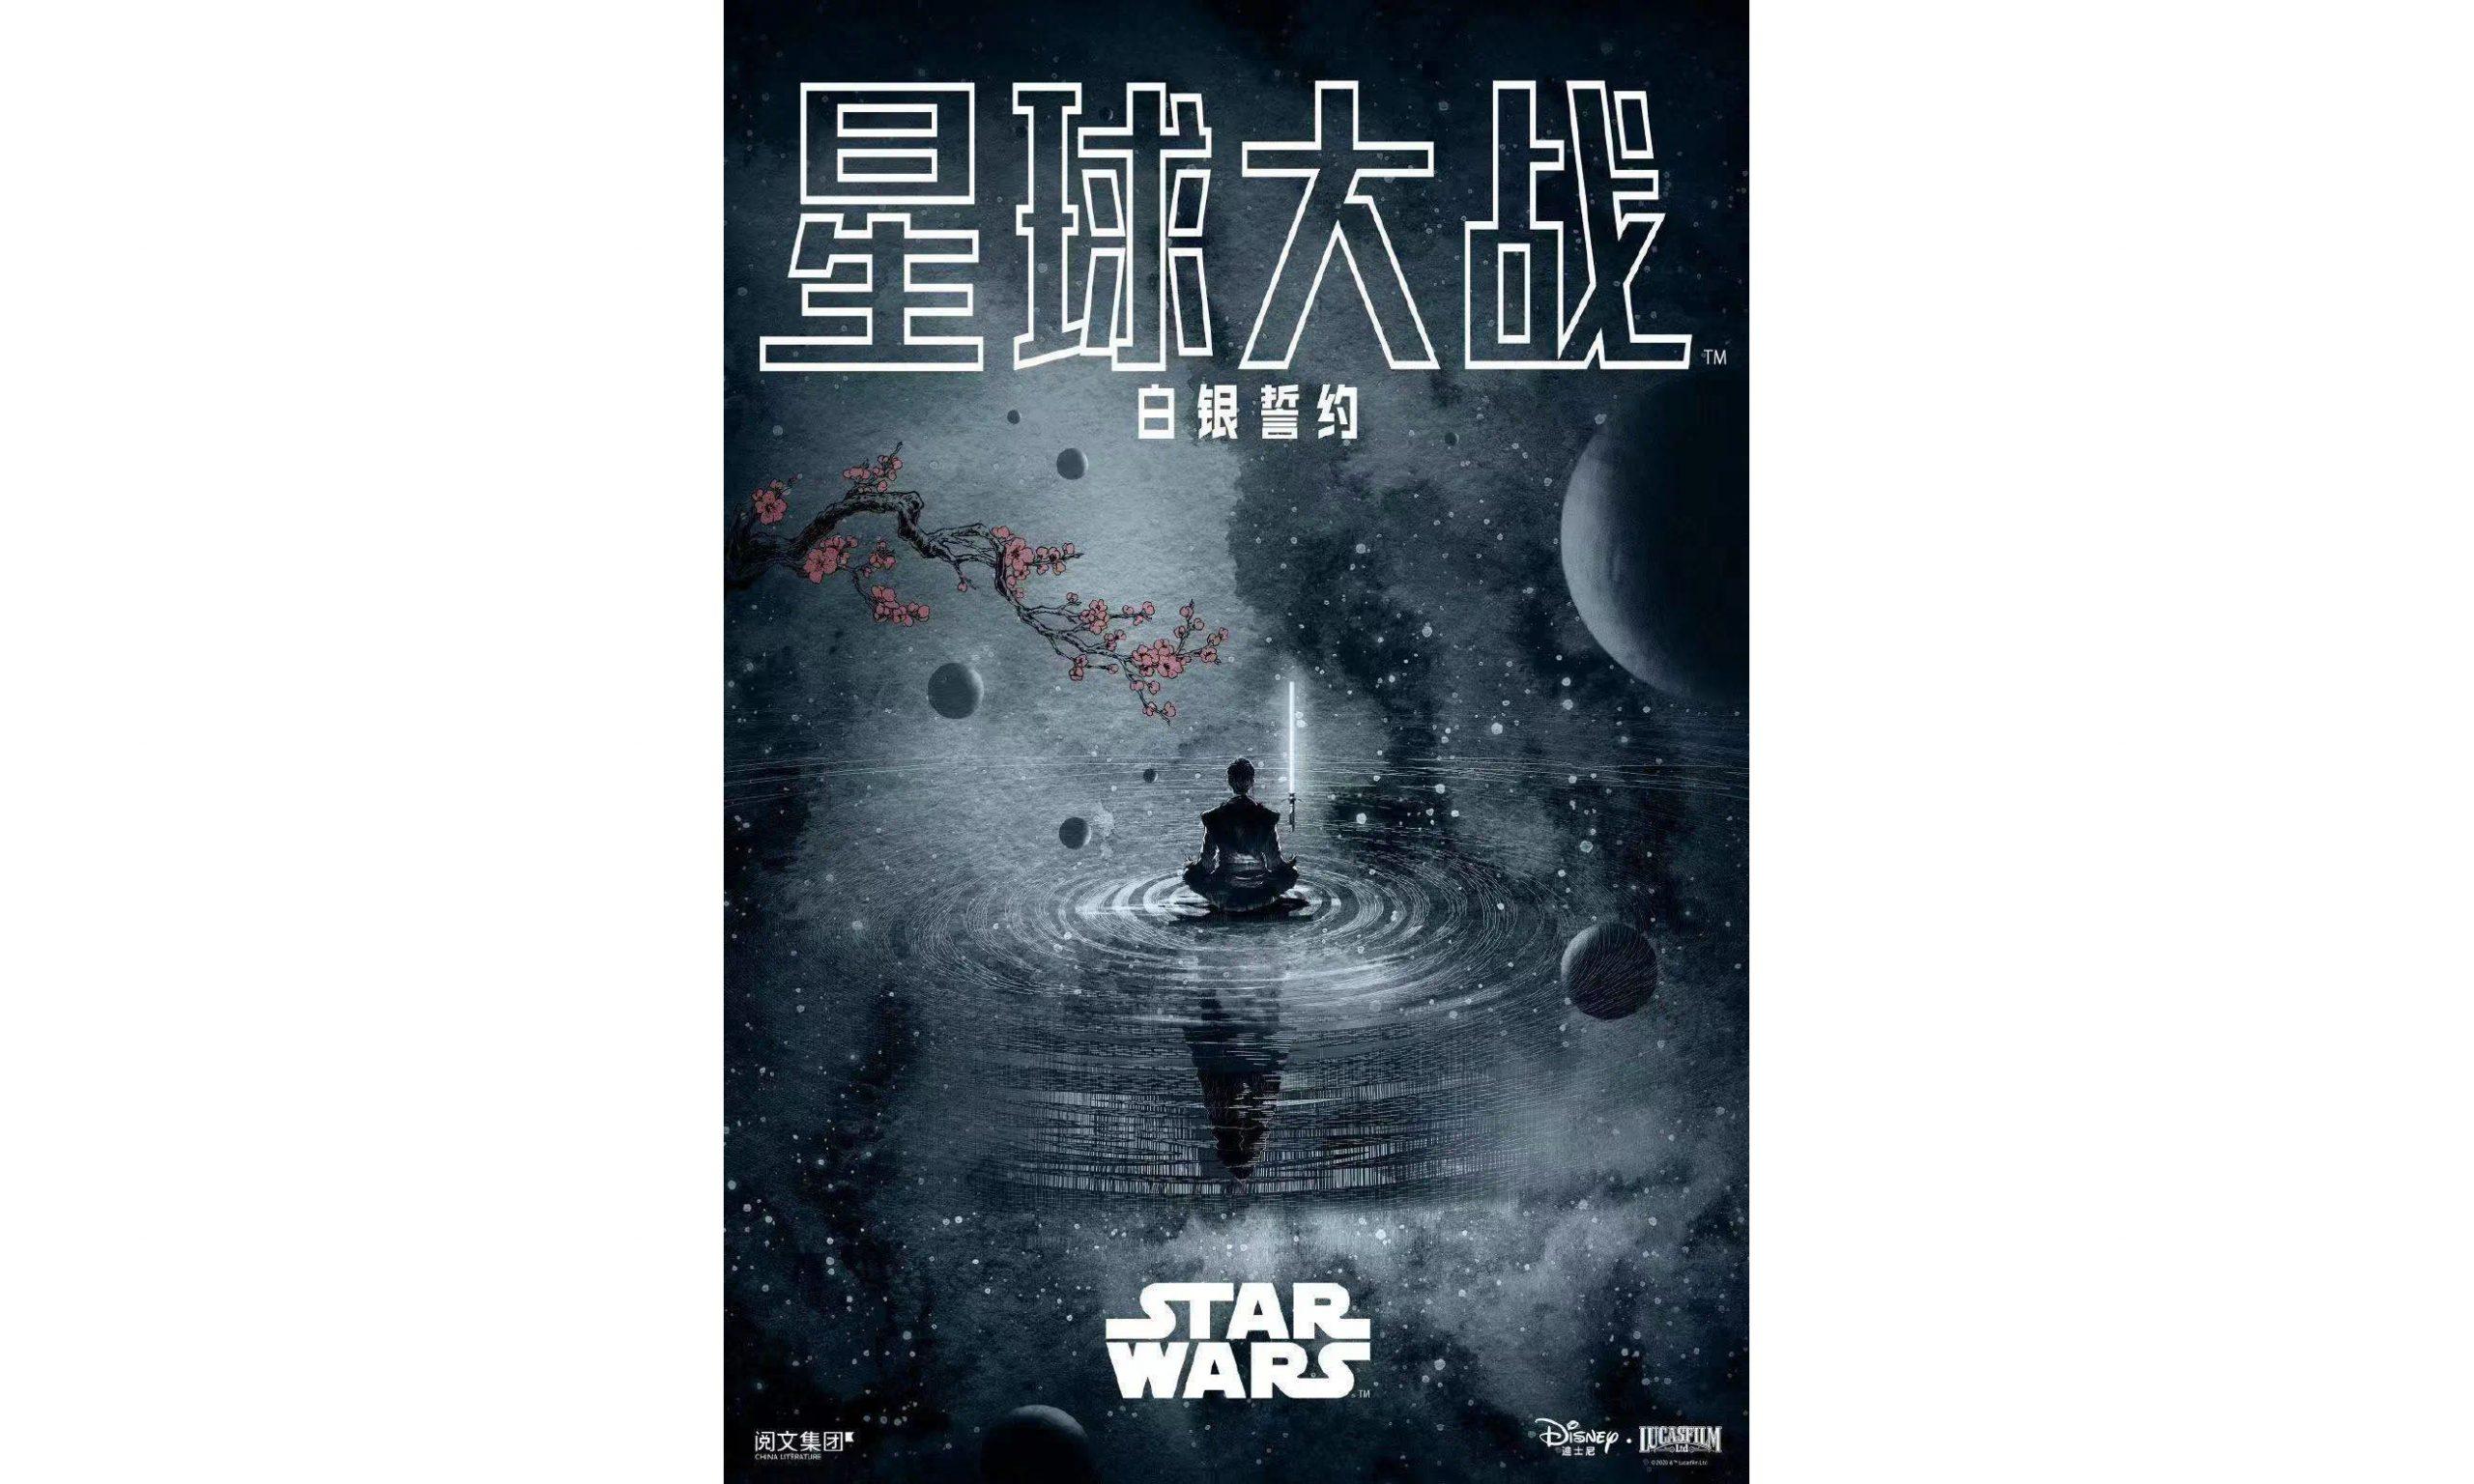 首部星球大战中文文学作品《星球大战:白银誓约》正式上线